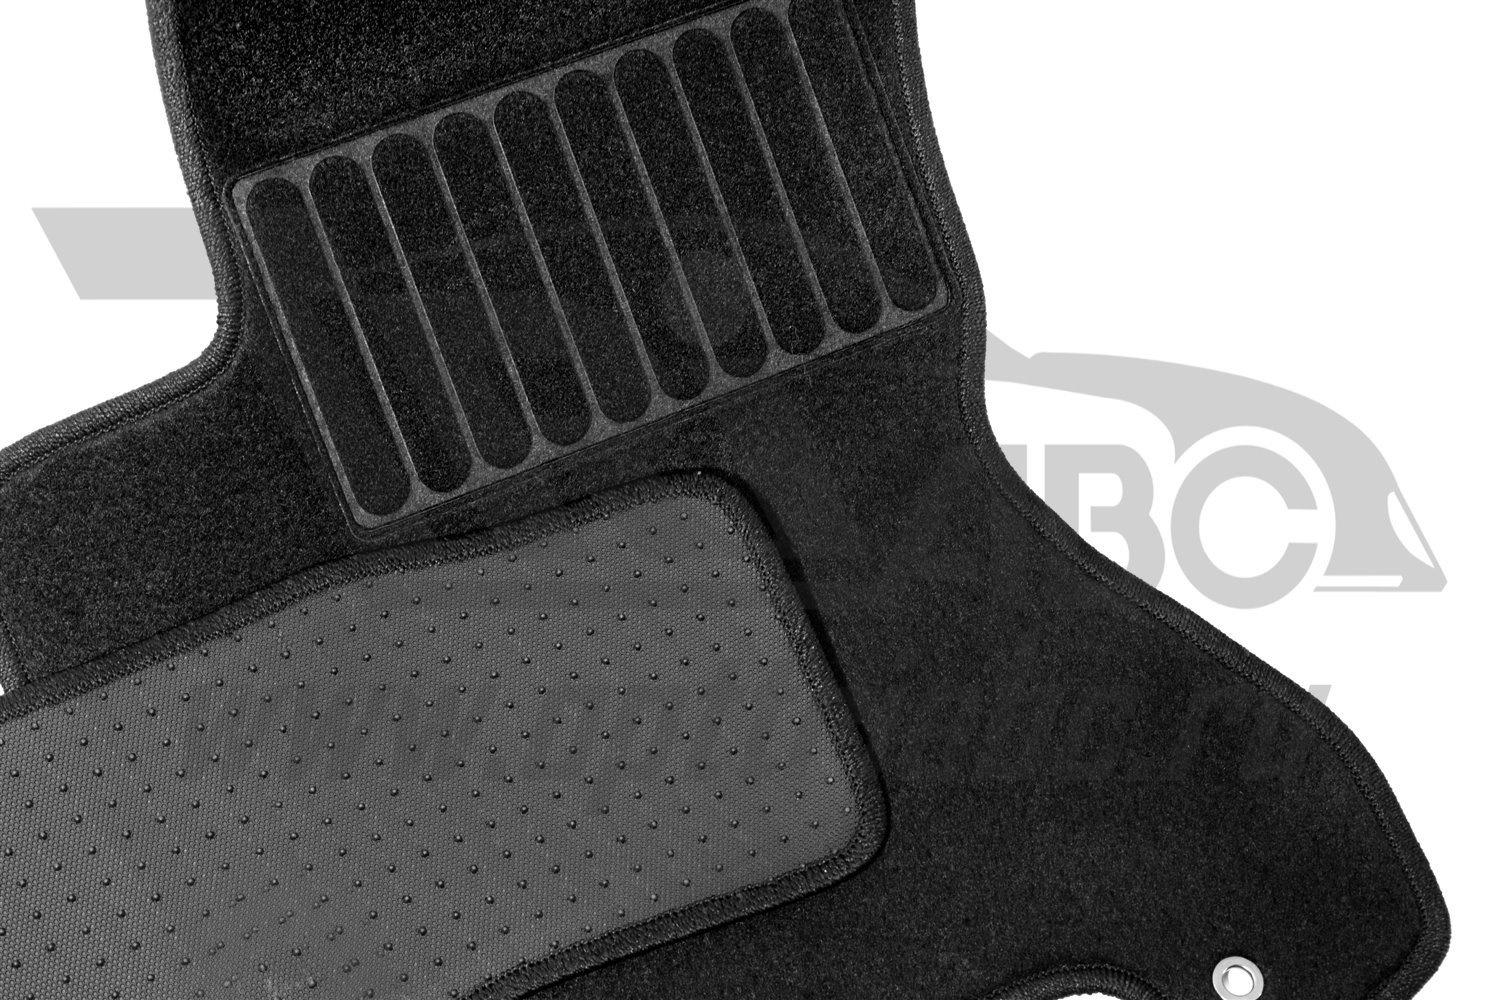 Коврики в салон автомобиля Avtodriver резиновые с бортиком для Chevrolet Captiva (2011-2013-), Adrplr016, черный коврики в салон автомобиля avtodriver для great wall hover h5 2010 adravg019 резиновые с бортиком черный